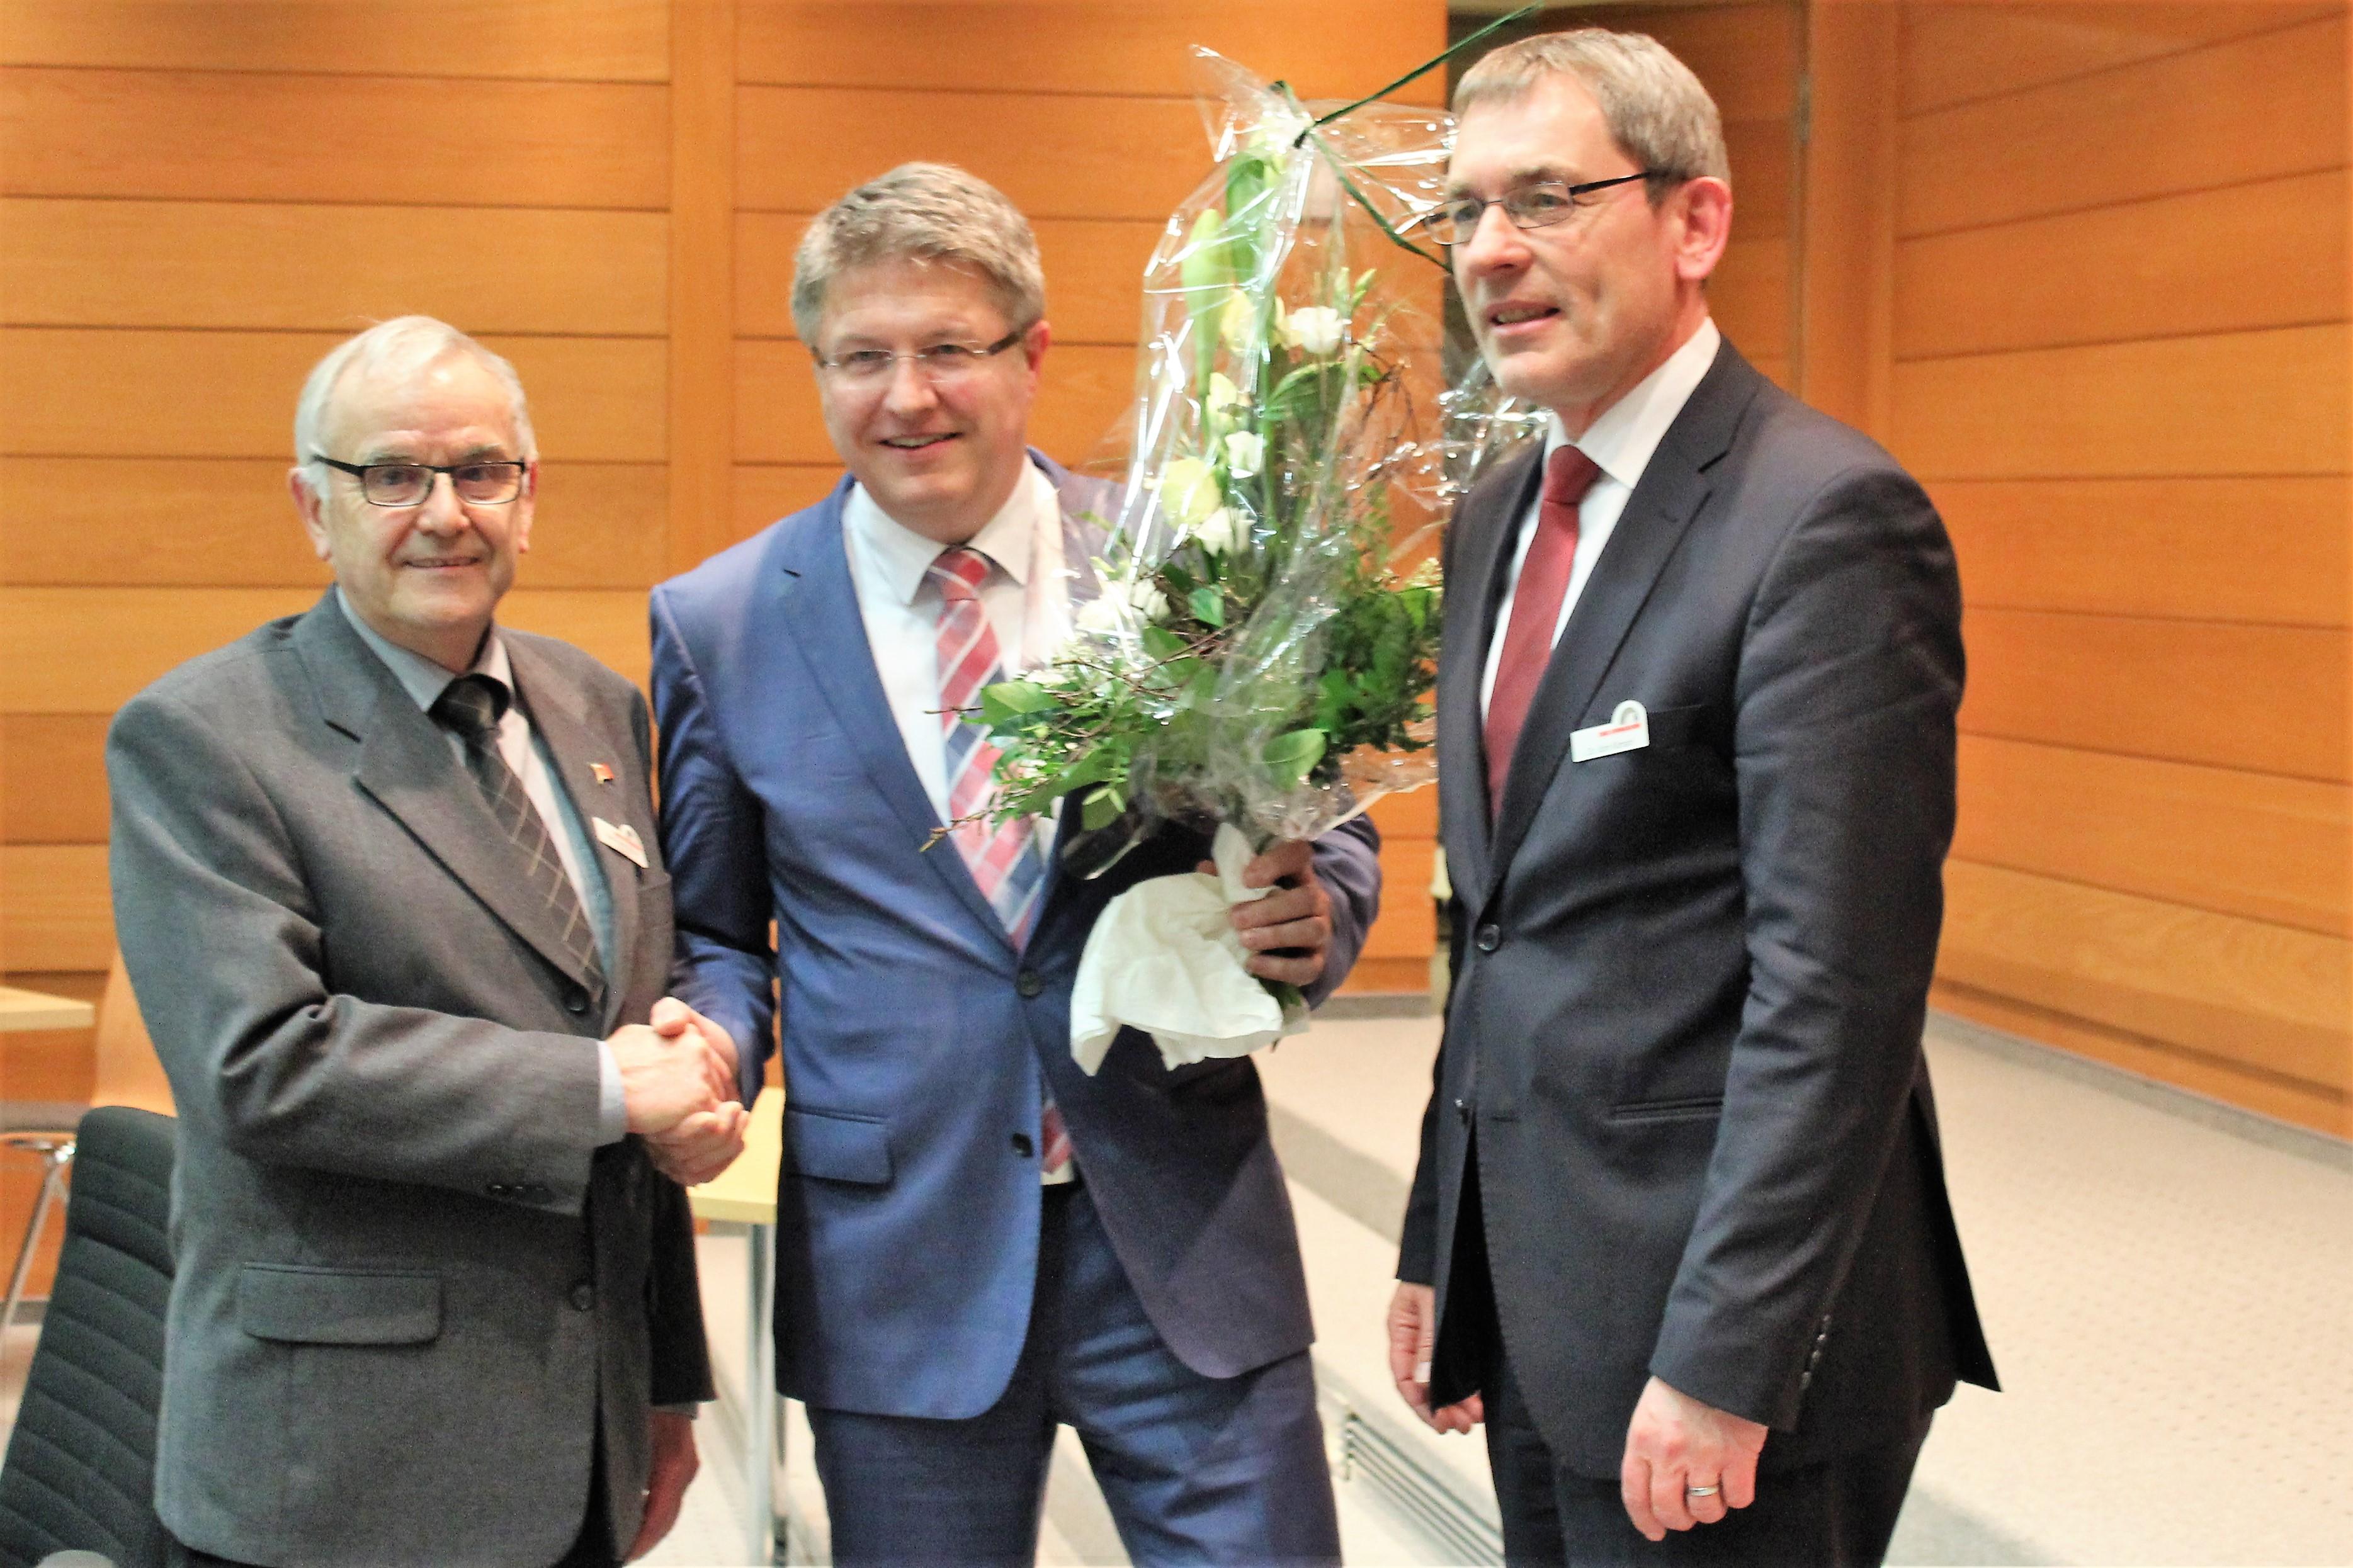 Stefan Mohrdieck (Mitte) wird Nachfolger von Landrat Dr. Jörn KLimant (rechts). Kreispräsident Hans-Harald Böttger gratuliert dem Gewinner. Foto Guballa